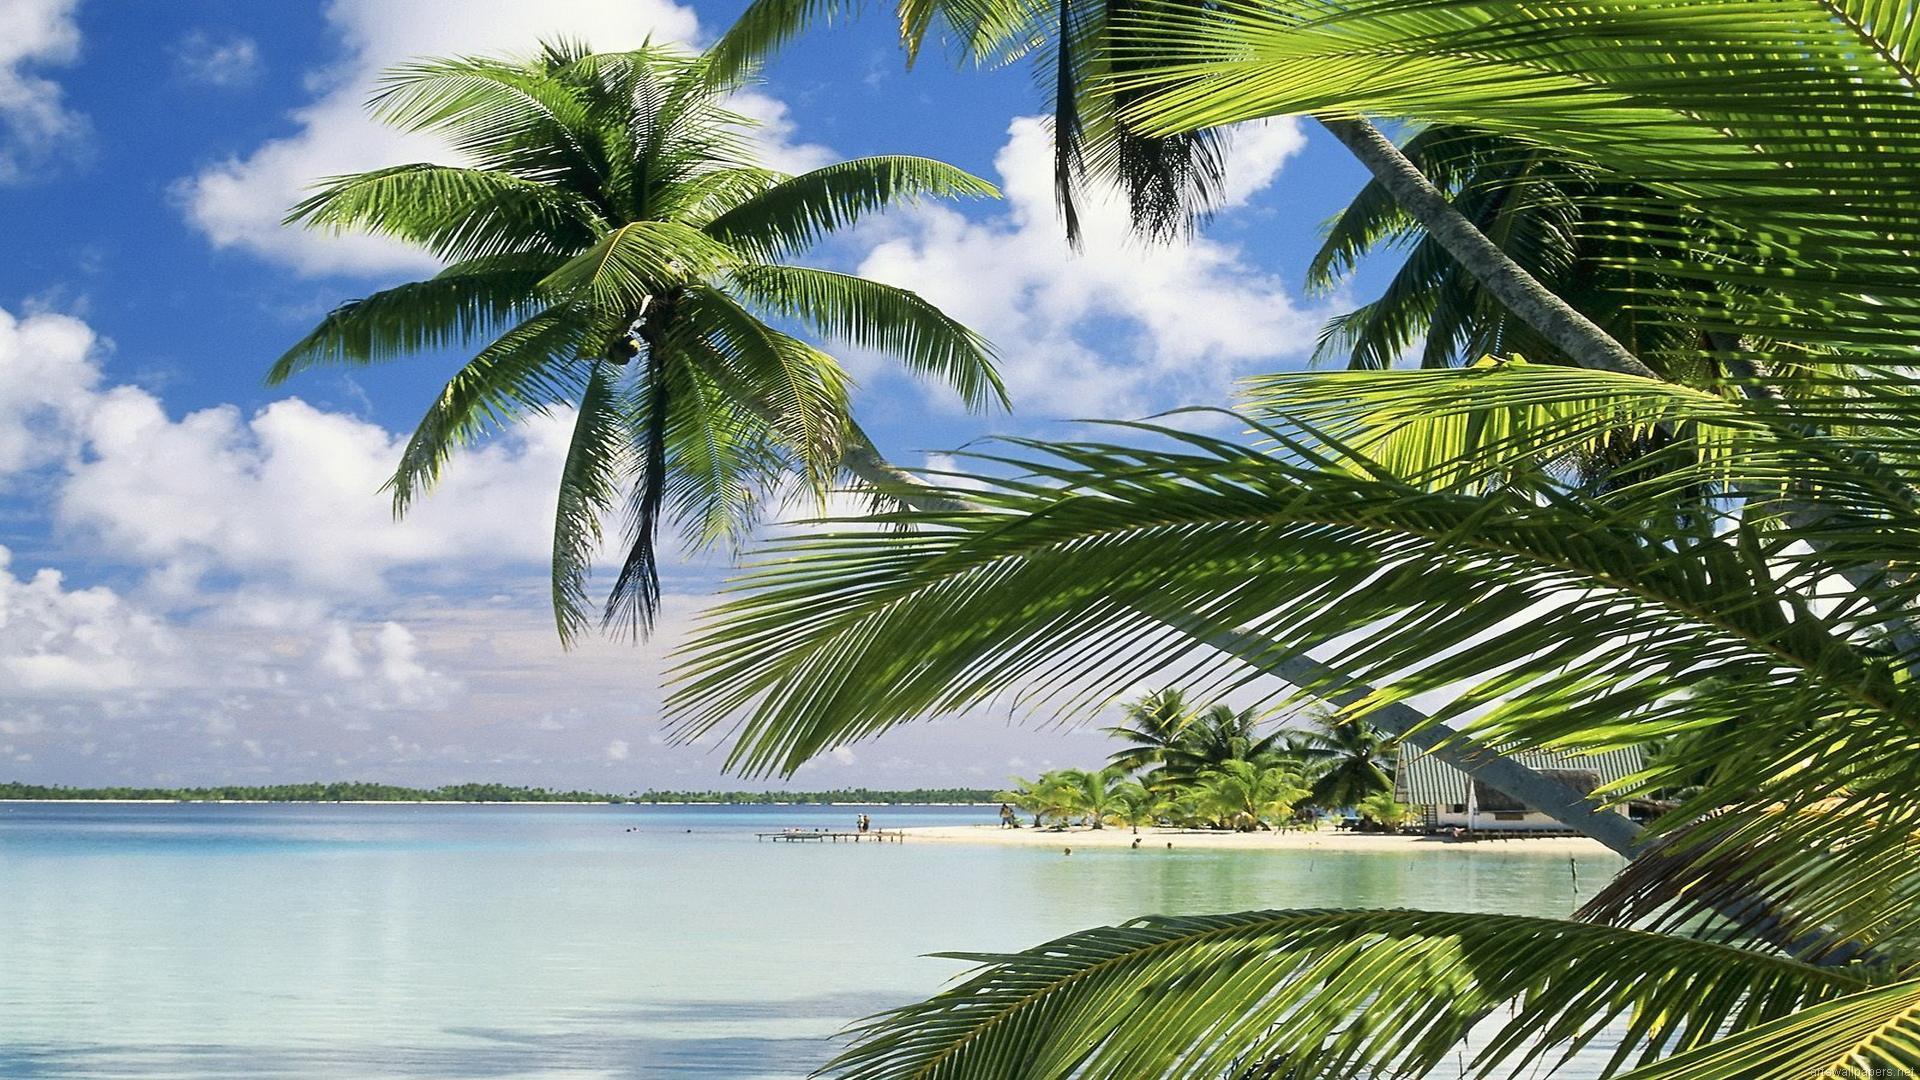 wallpaper St Maarten Caribbean HD Widescreen High Definition 1920x1080